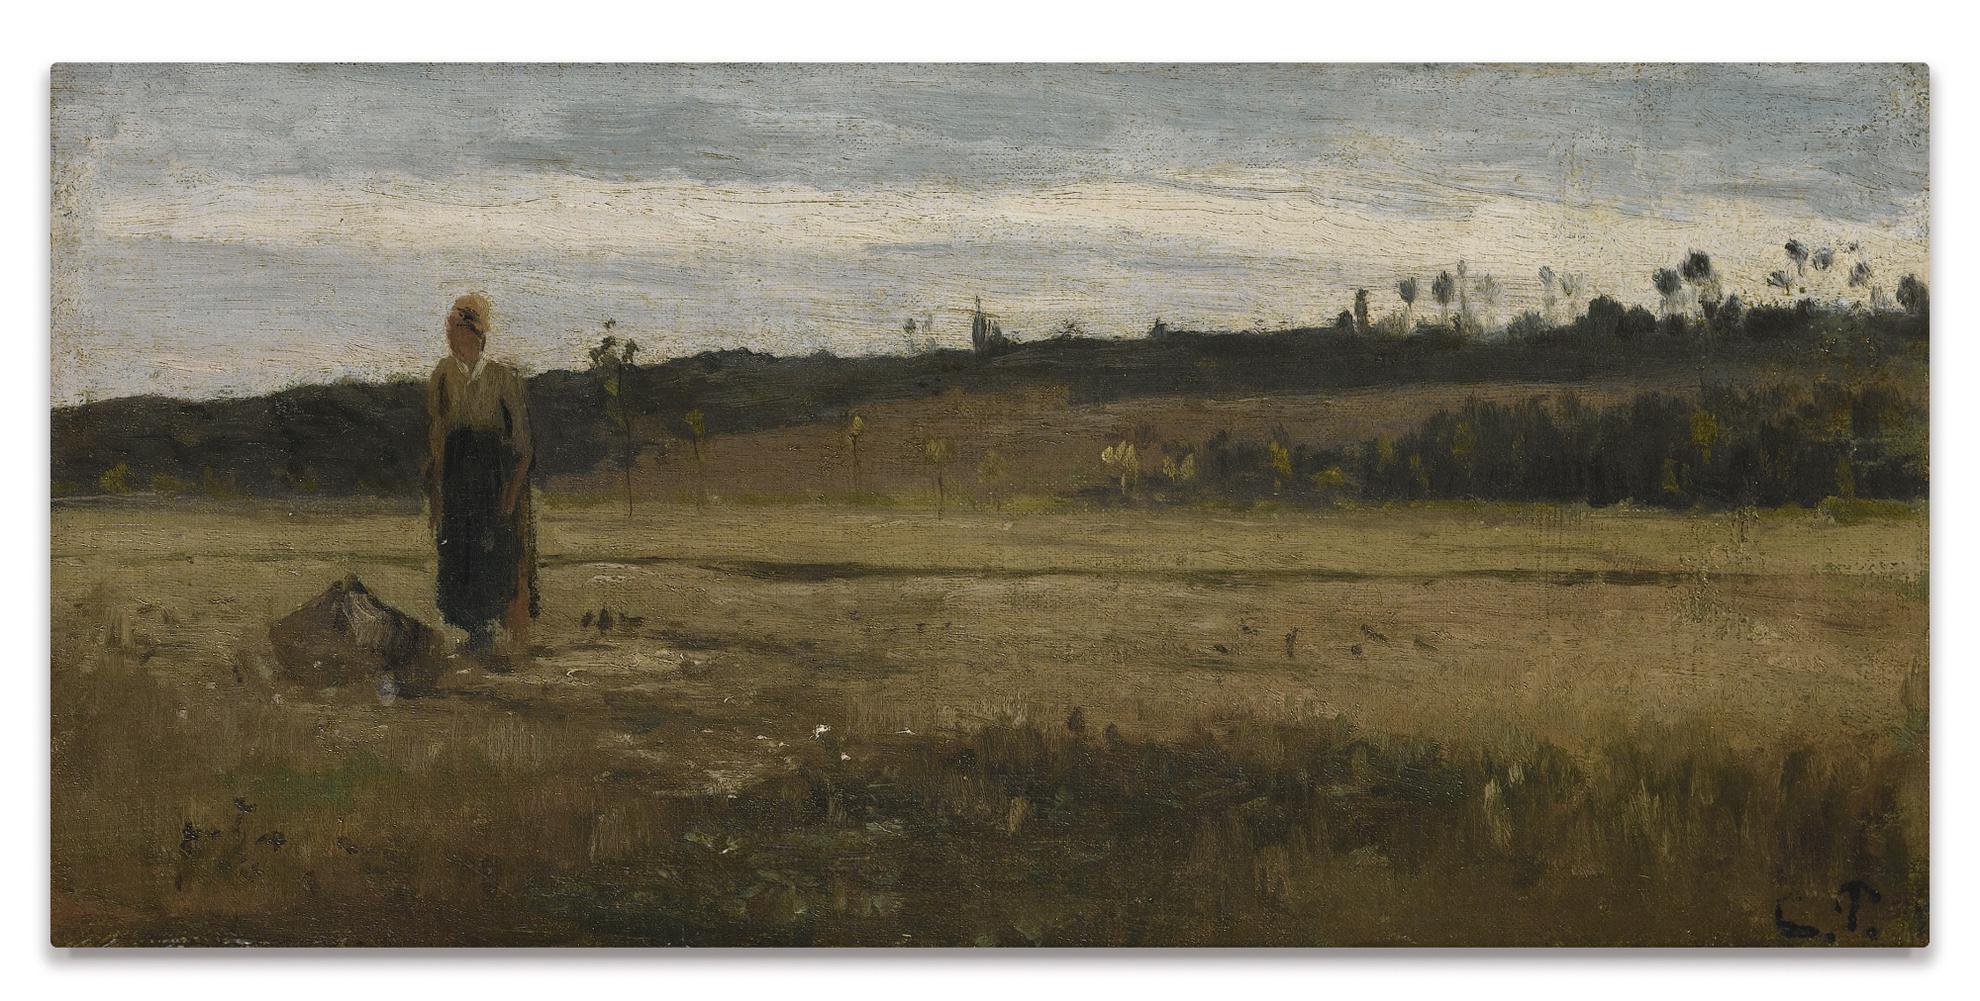 Camille Pissarro-Paysage Dans Un Champ, La Varenne, Saint-Hilaire-1865